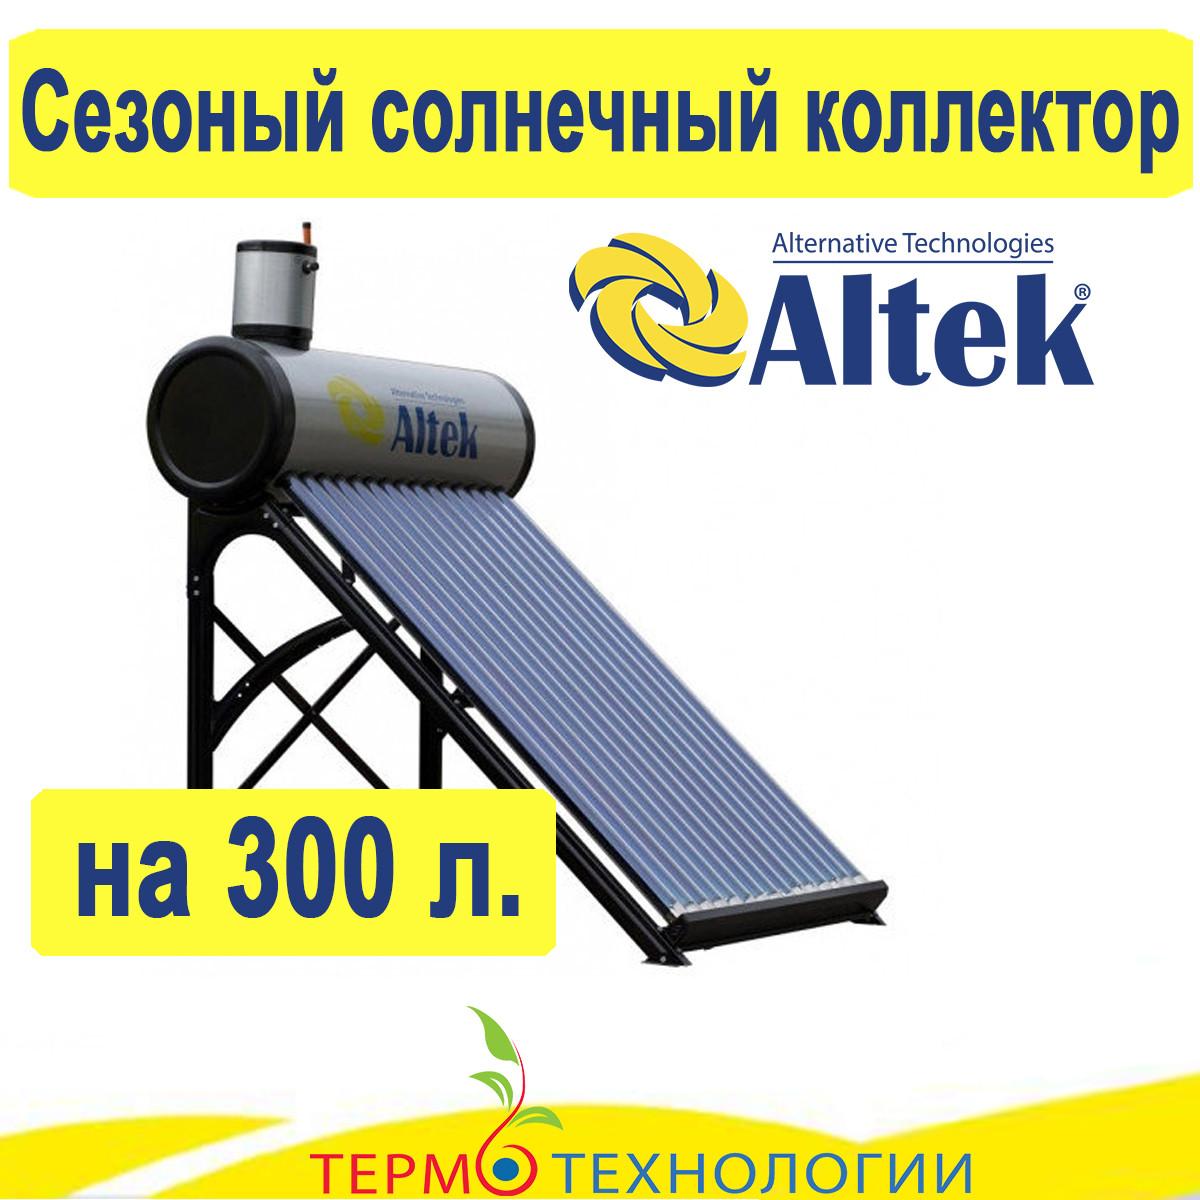 Сезонный солнечный коллектор Altek с напорным теплообменником для 5 человек